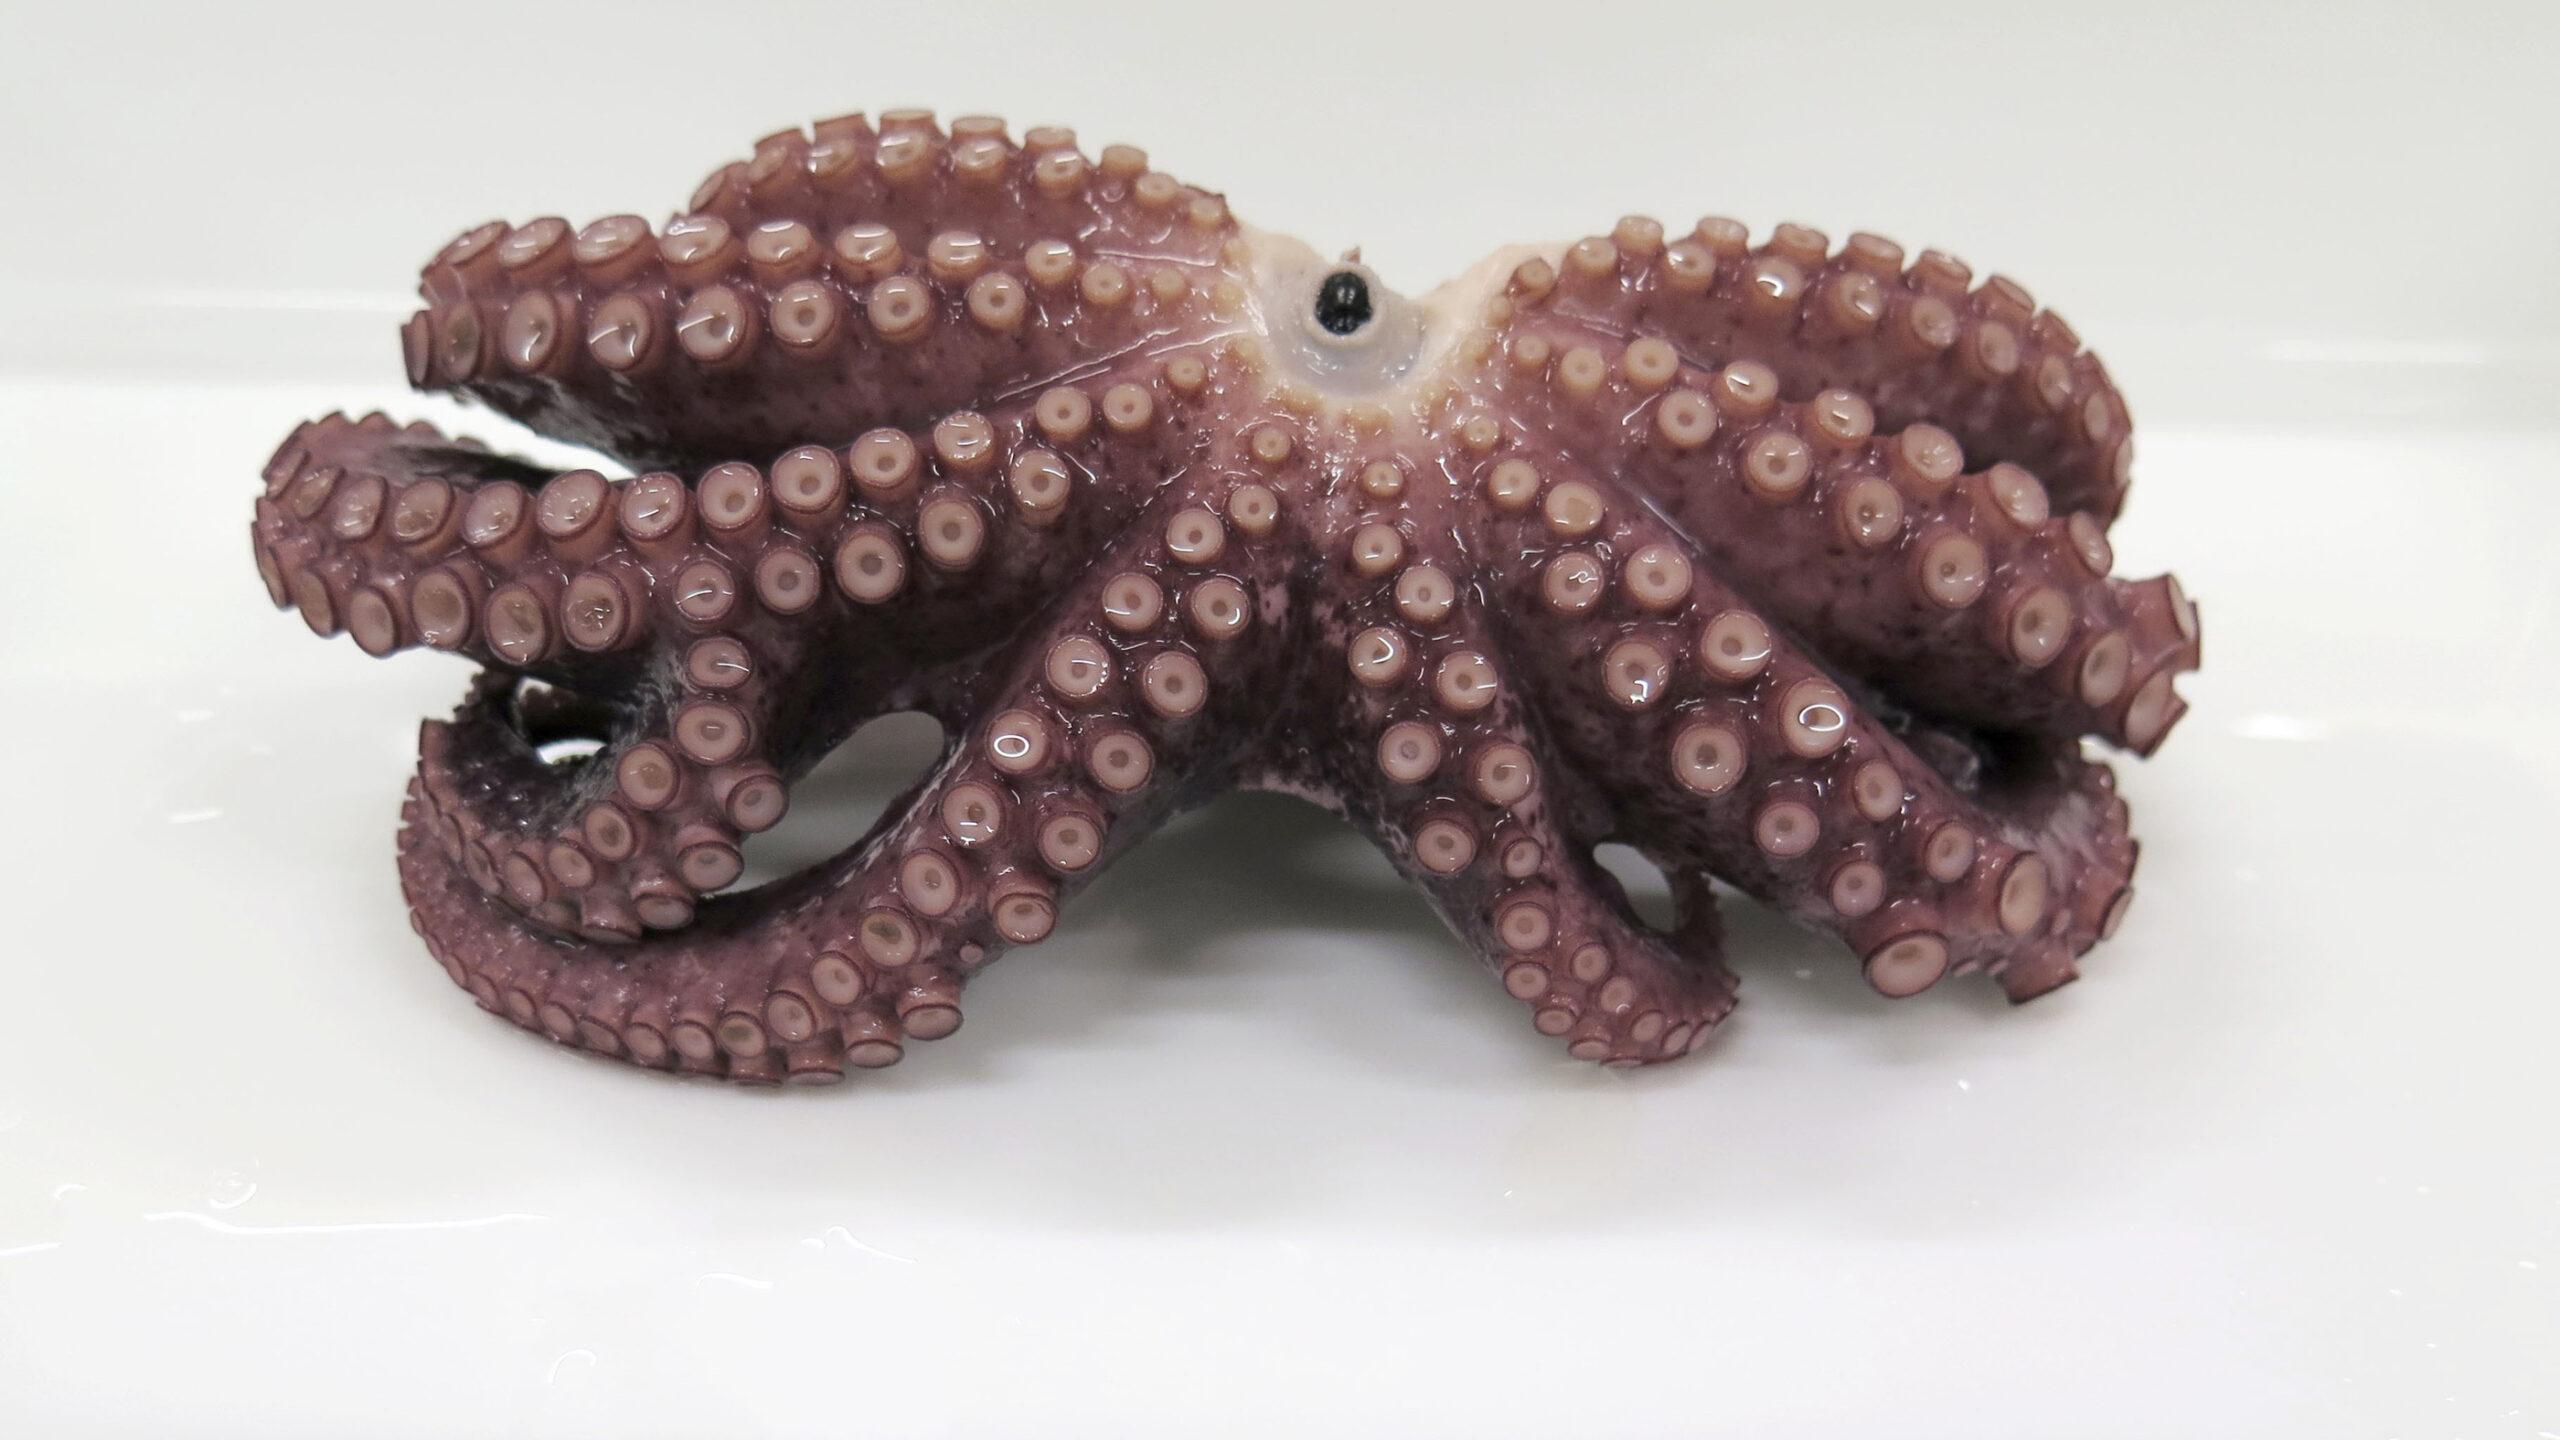 Extraños animales marinos que llegaron a las costas en 2020.